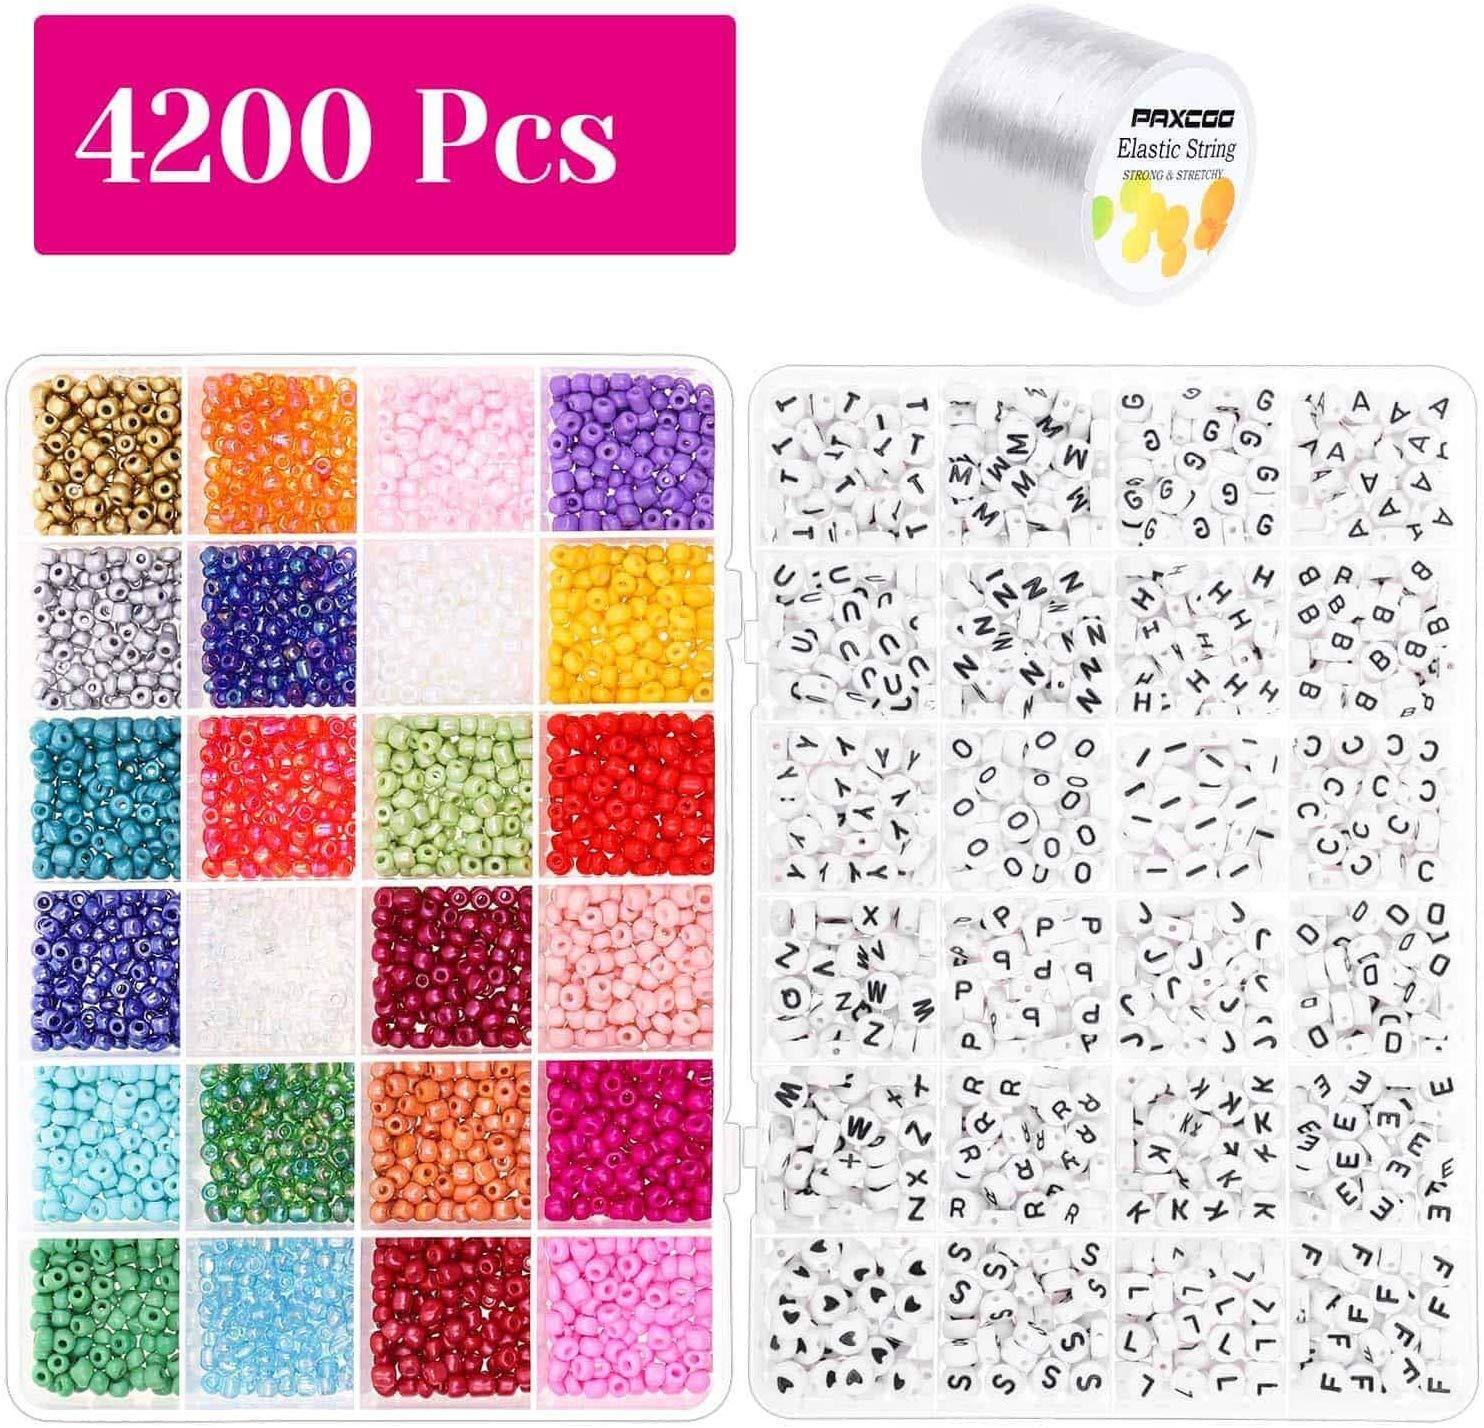 Pony-Perlen für Armbänder, 3000 Stück 4mm Kleinen Regenbogen-Pony Rocailles mit 1200 Stück Brief für Freundschaftsbänder und Juden